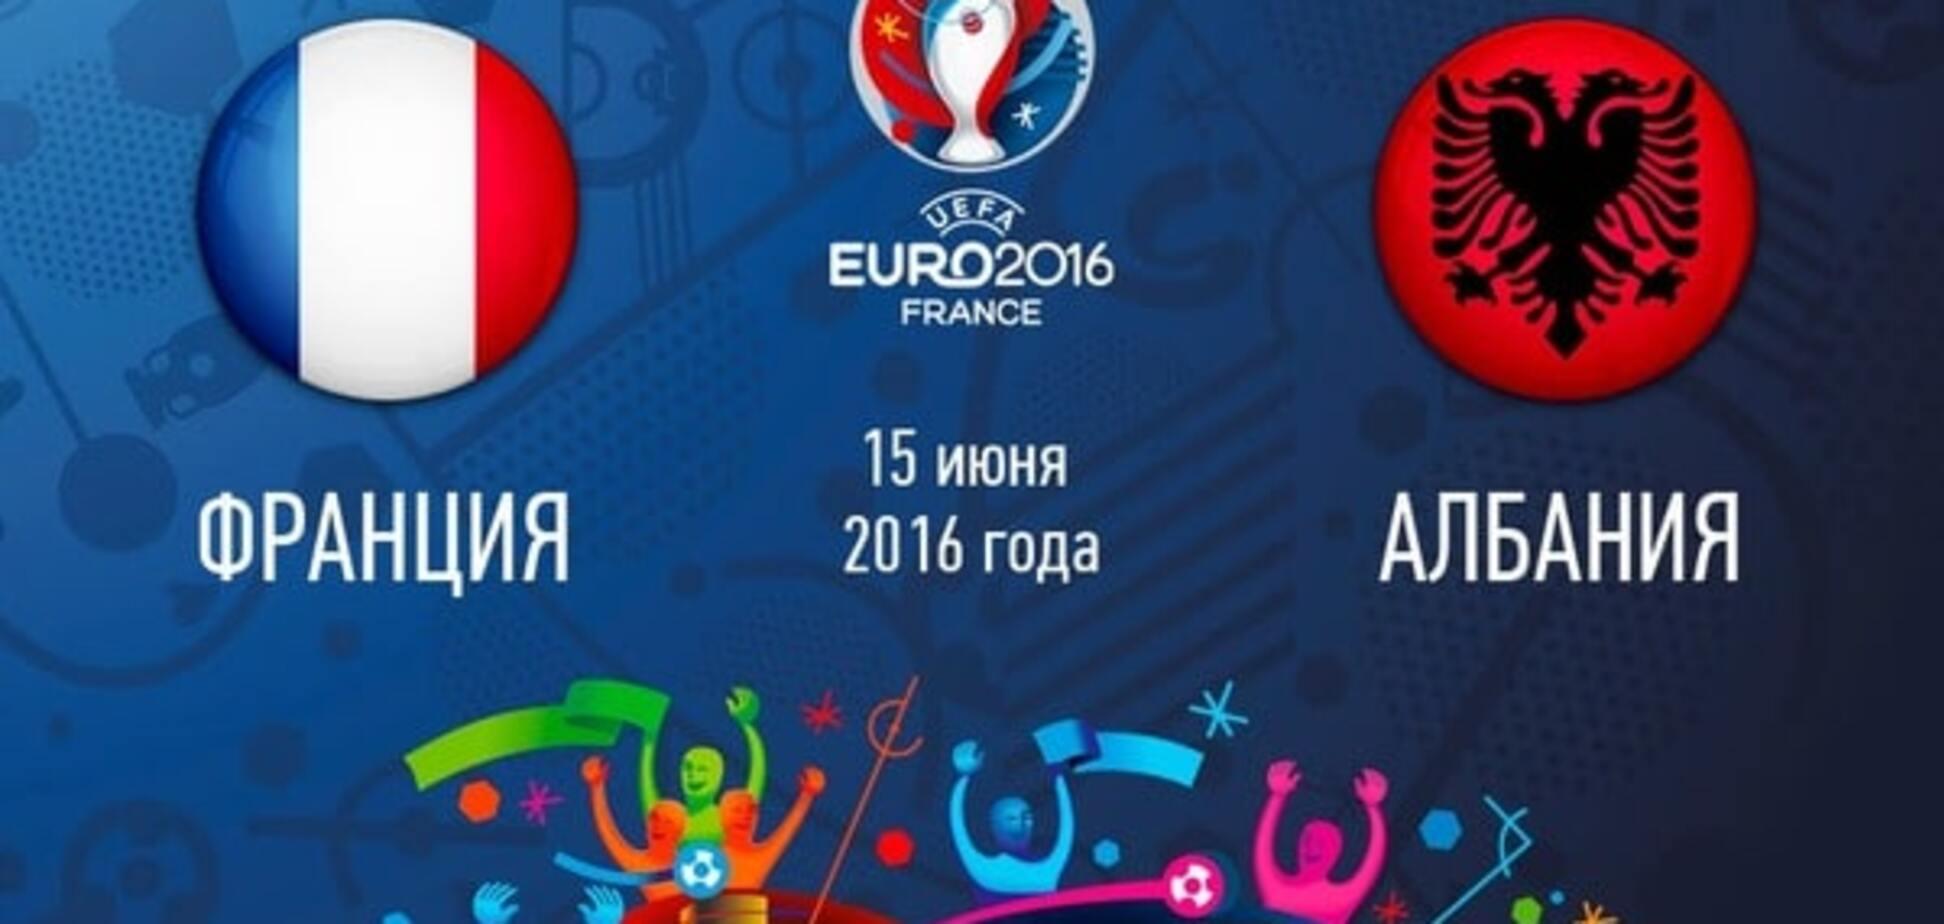 Франция - Албания Евро-2016 онлайн